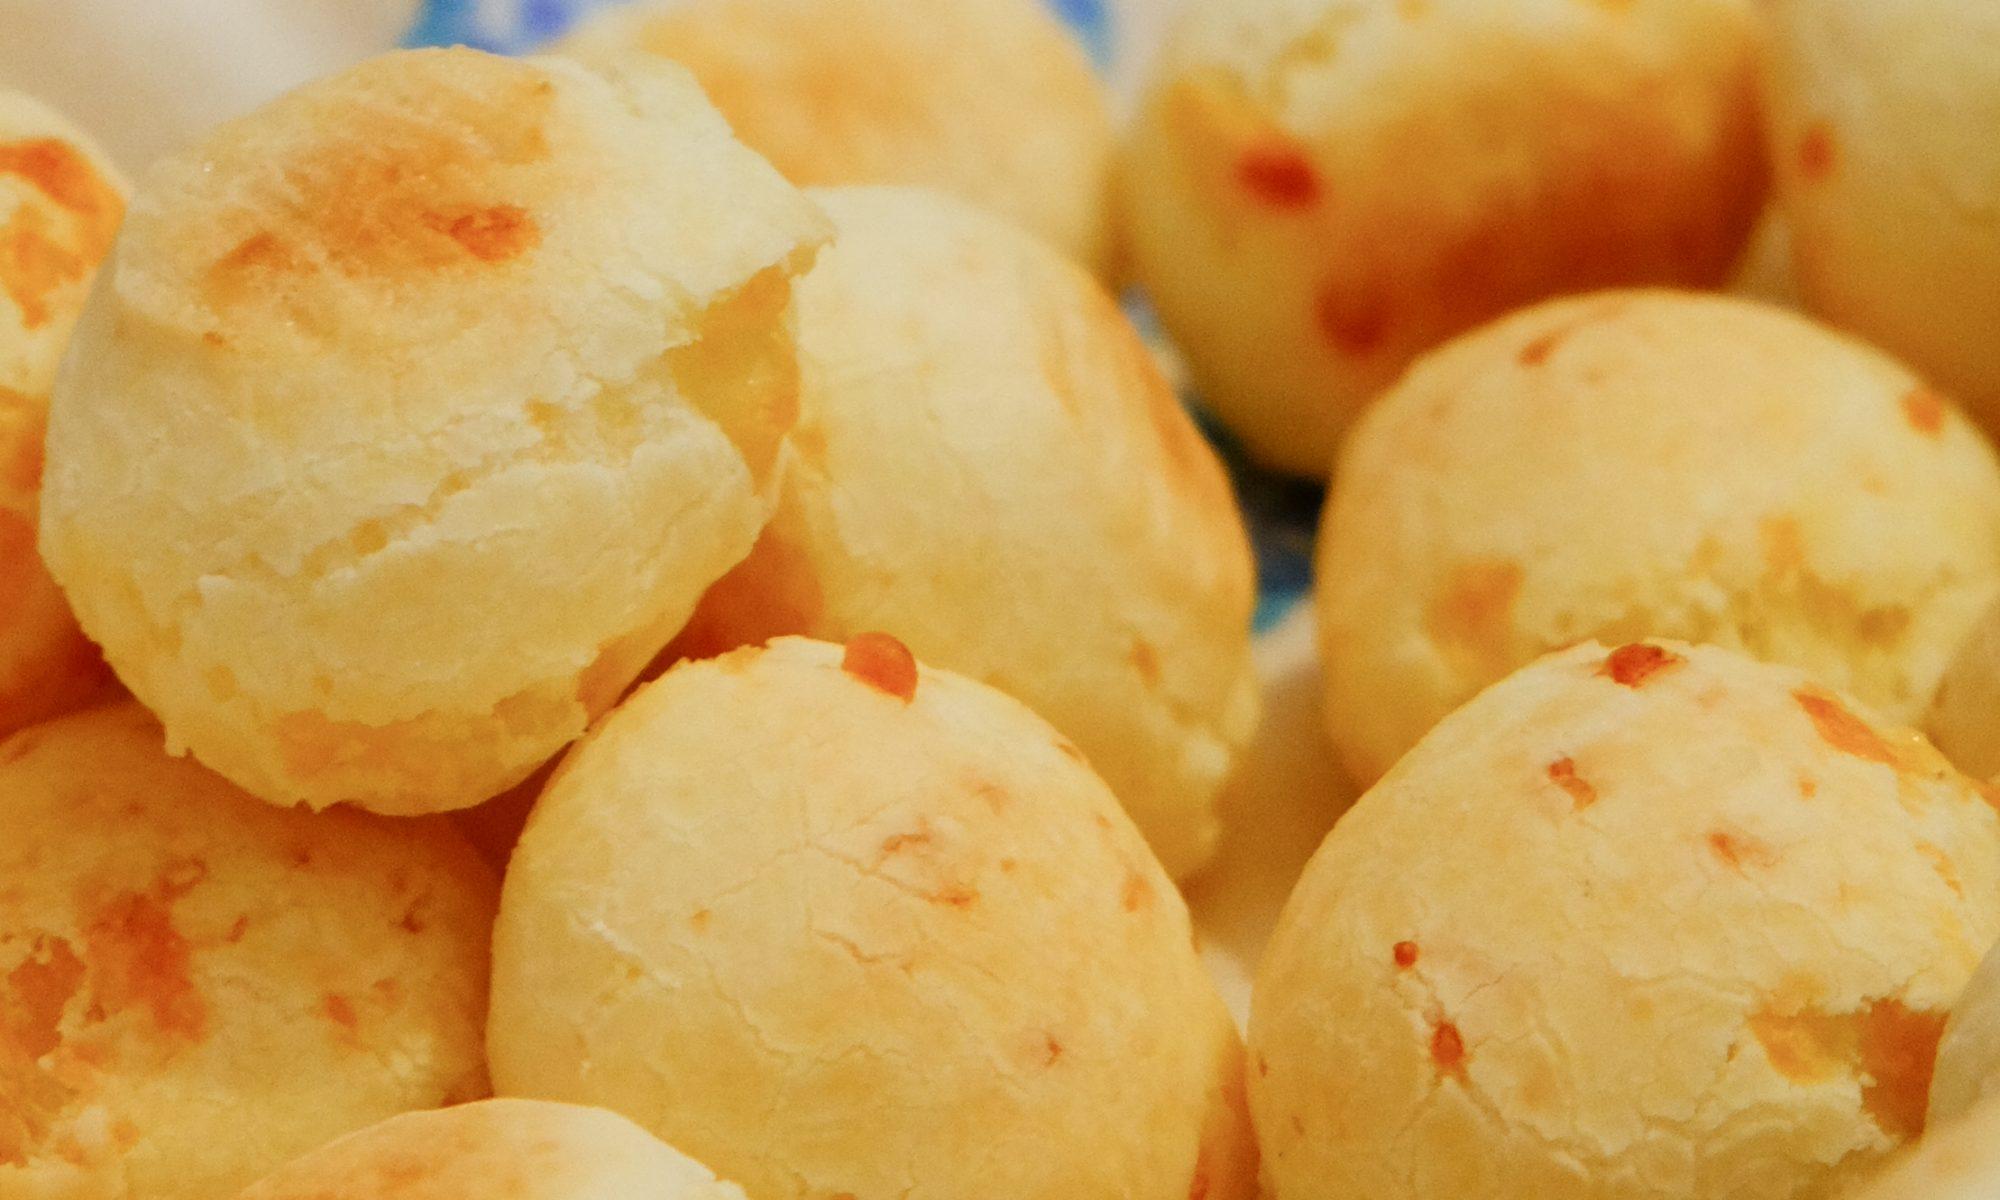 Mandi-o Qualität Lebensmittel GbR